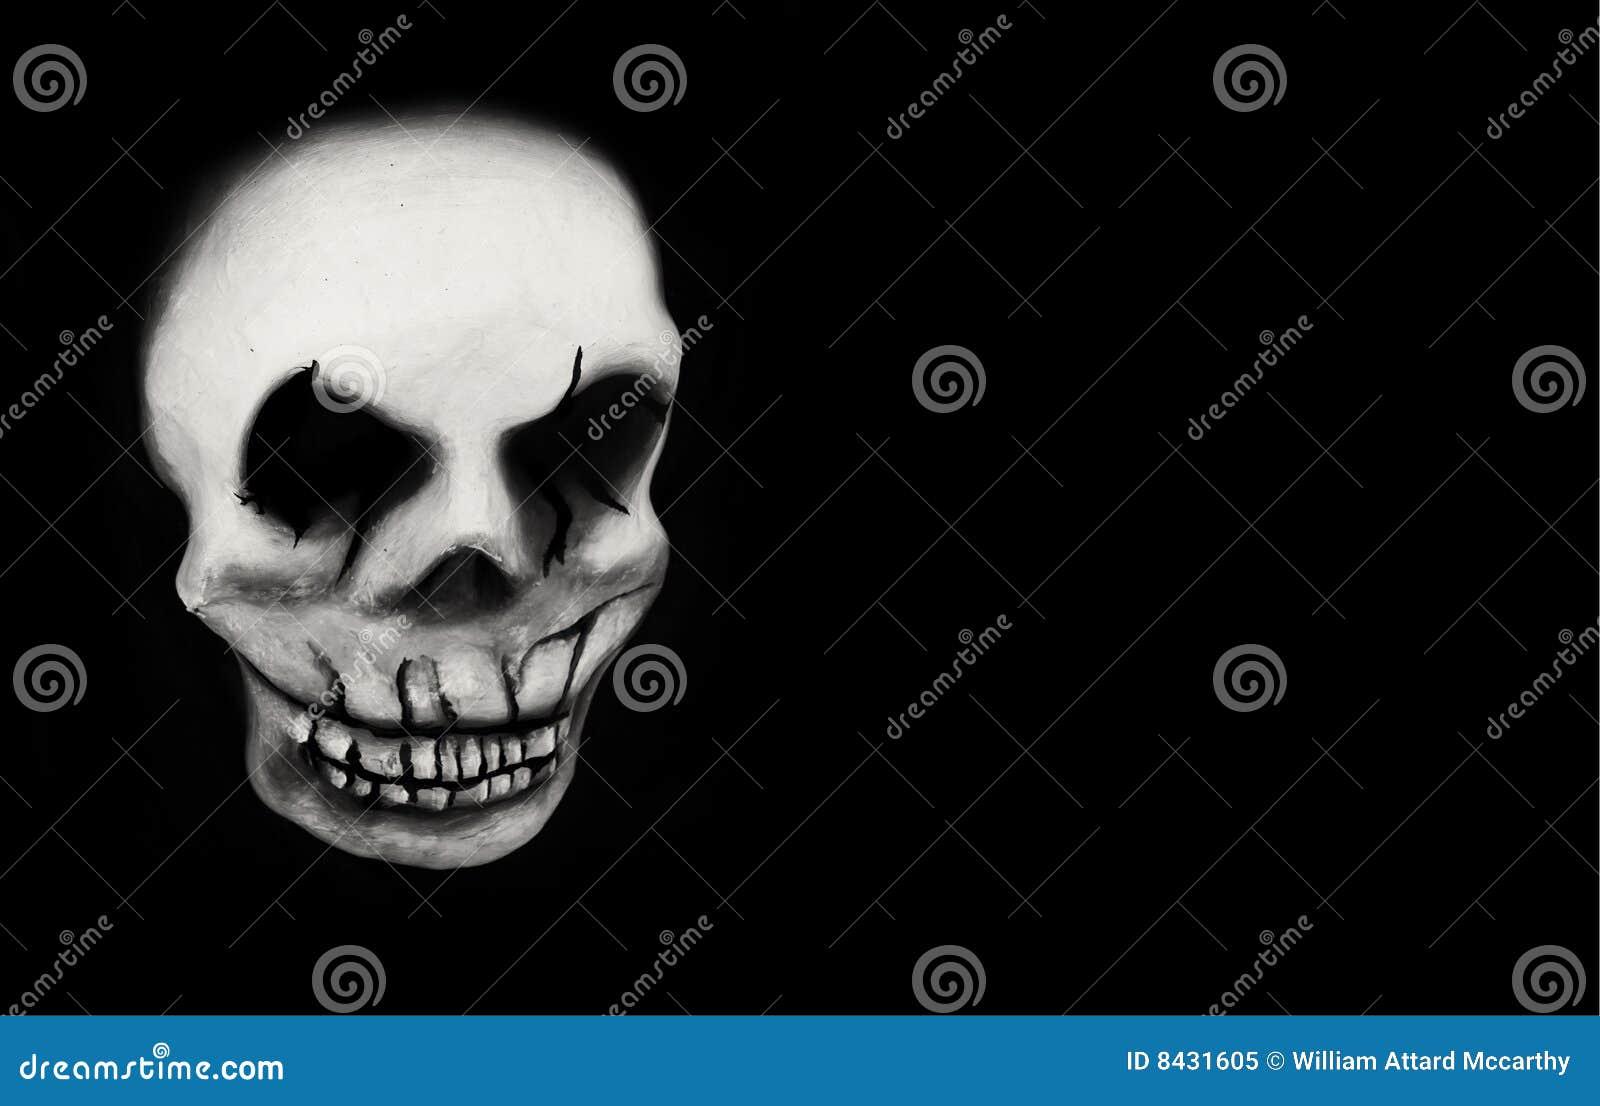 Crâne de mardi gras